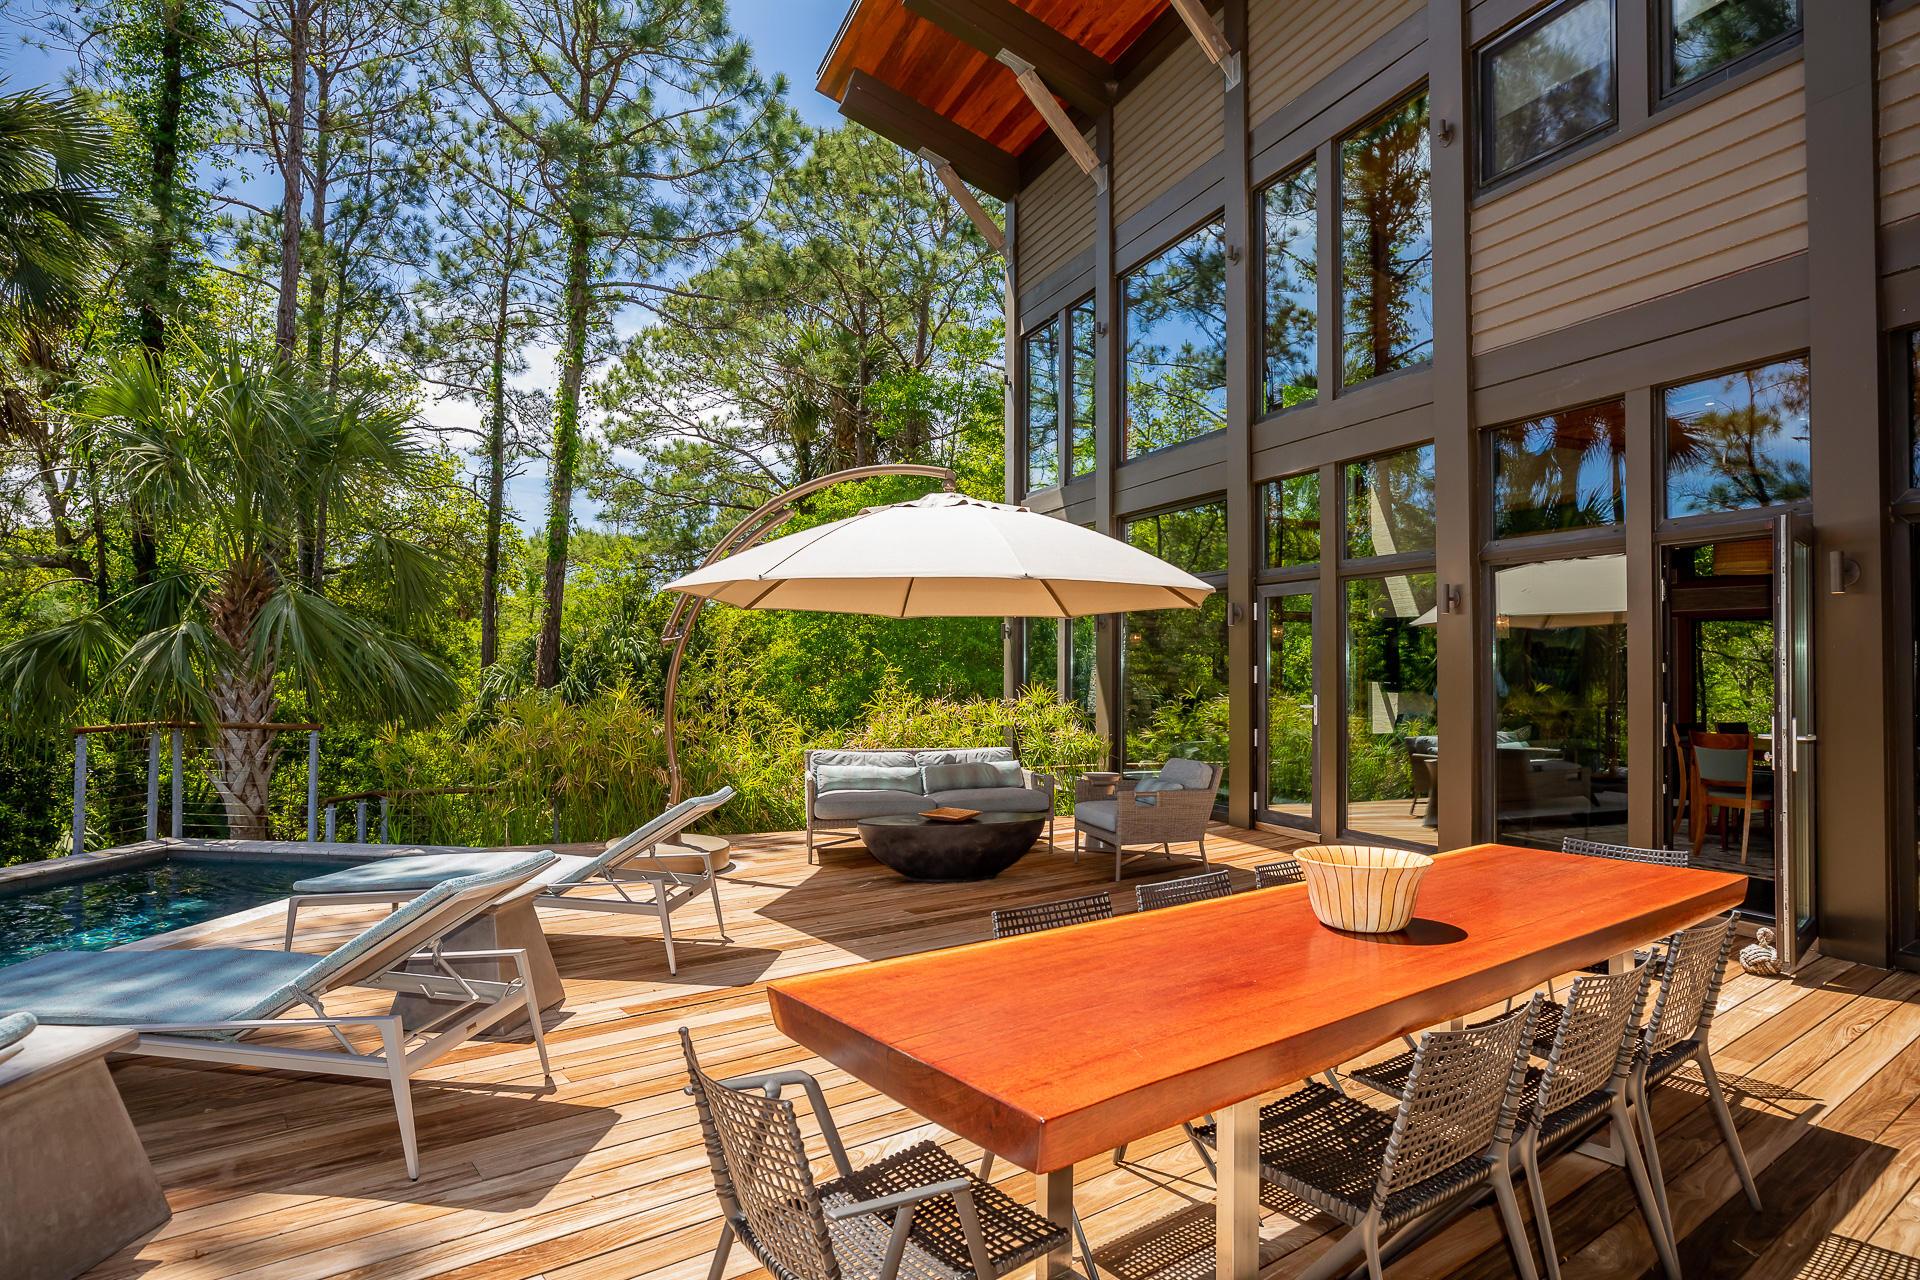 Kiawah Island Homes For Sale - 102 Blue Heron Pond, Kiawah Island, SC - 55